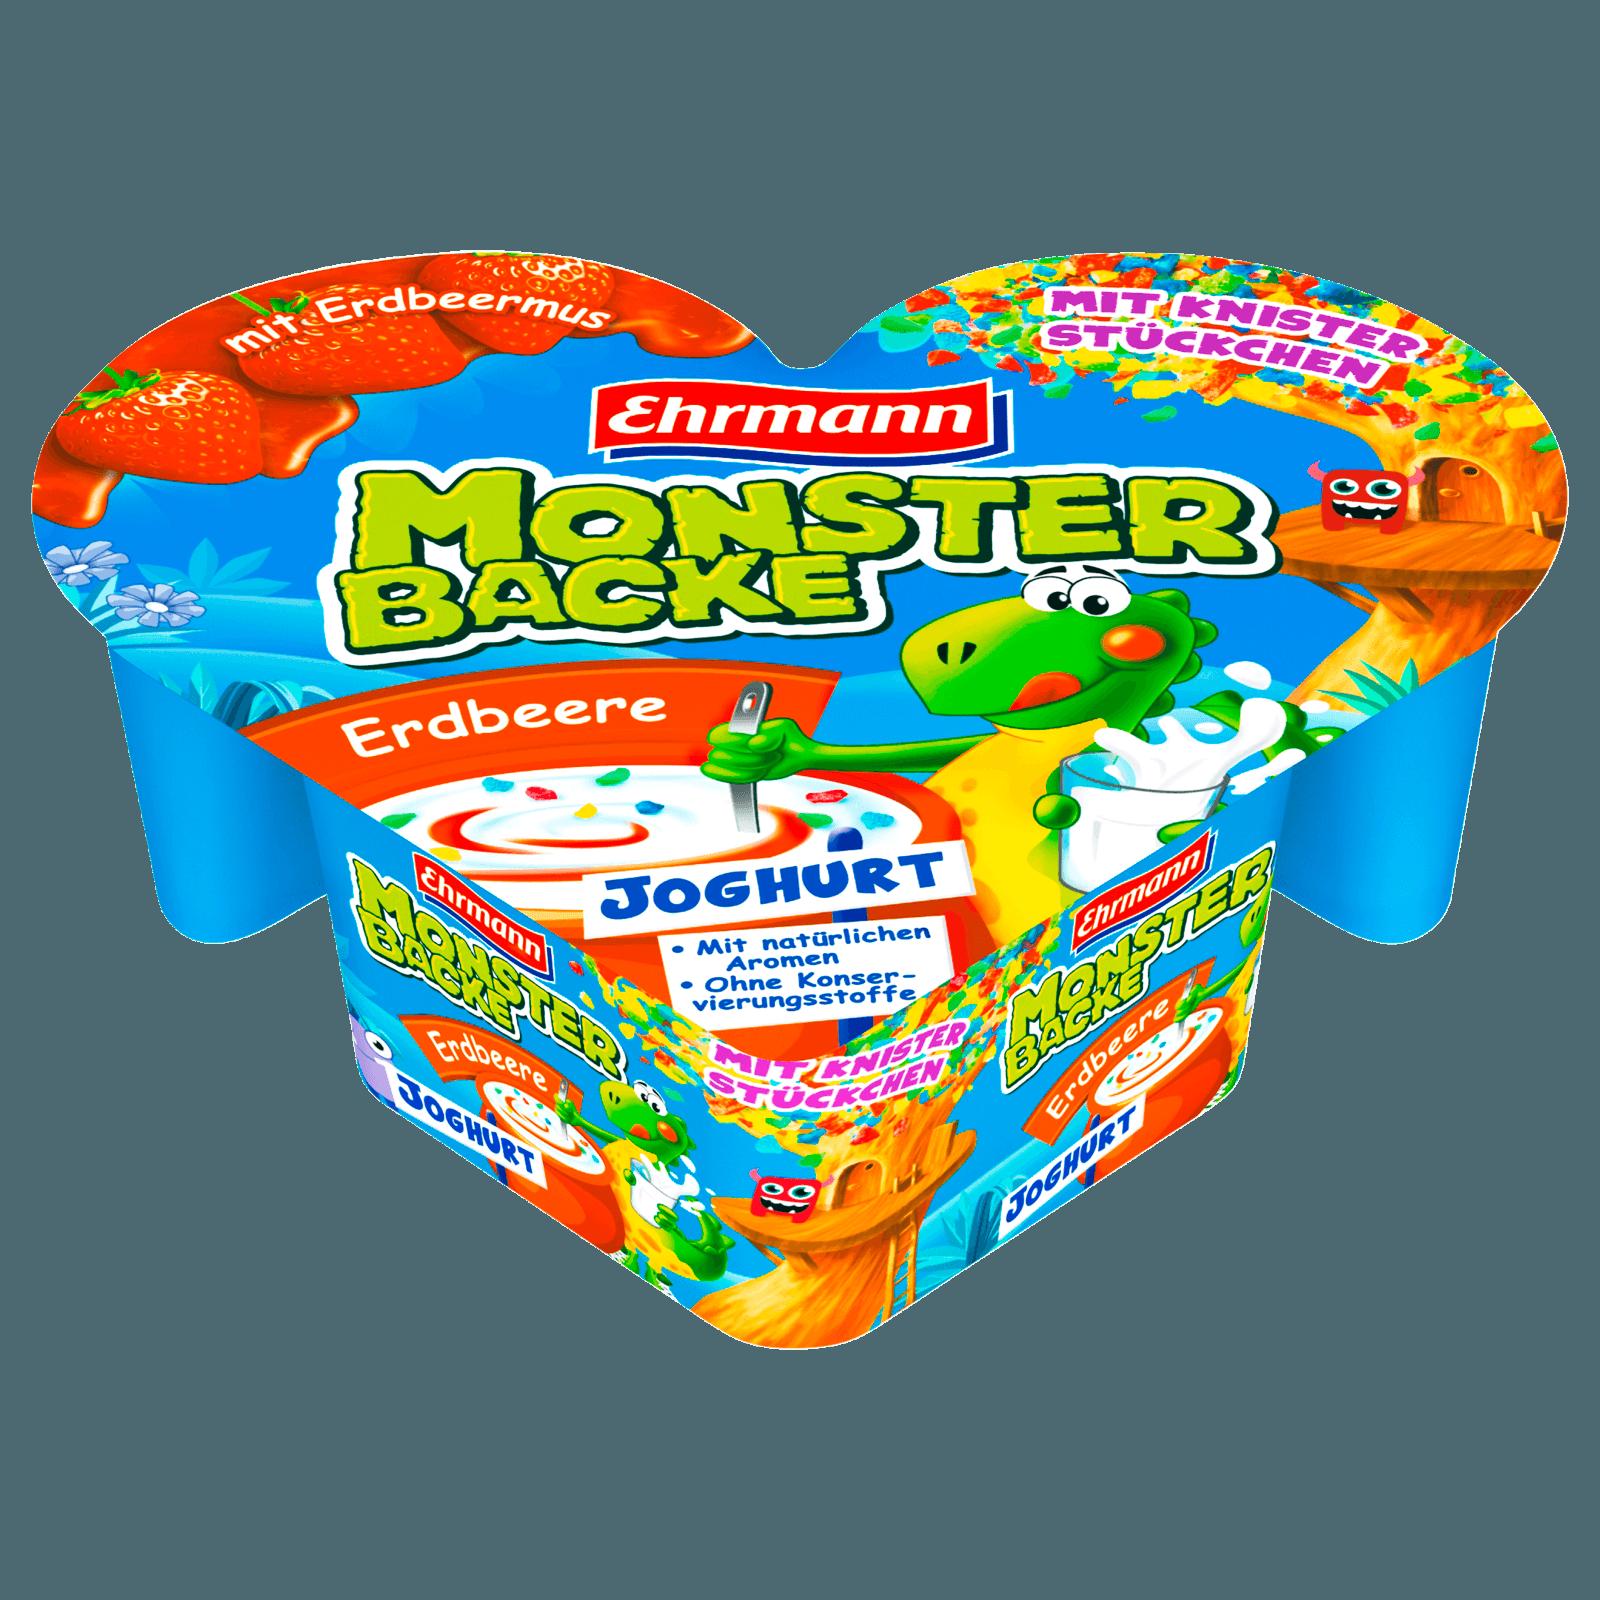 Ehrmann Monsterbacke Knister Erdbeer 135g